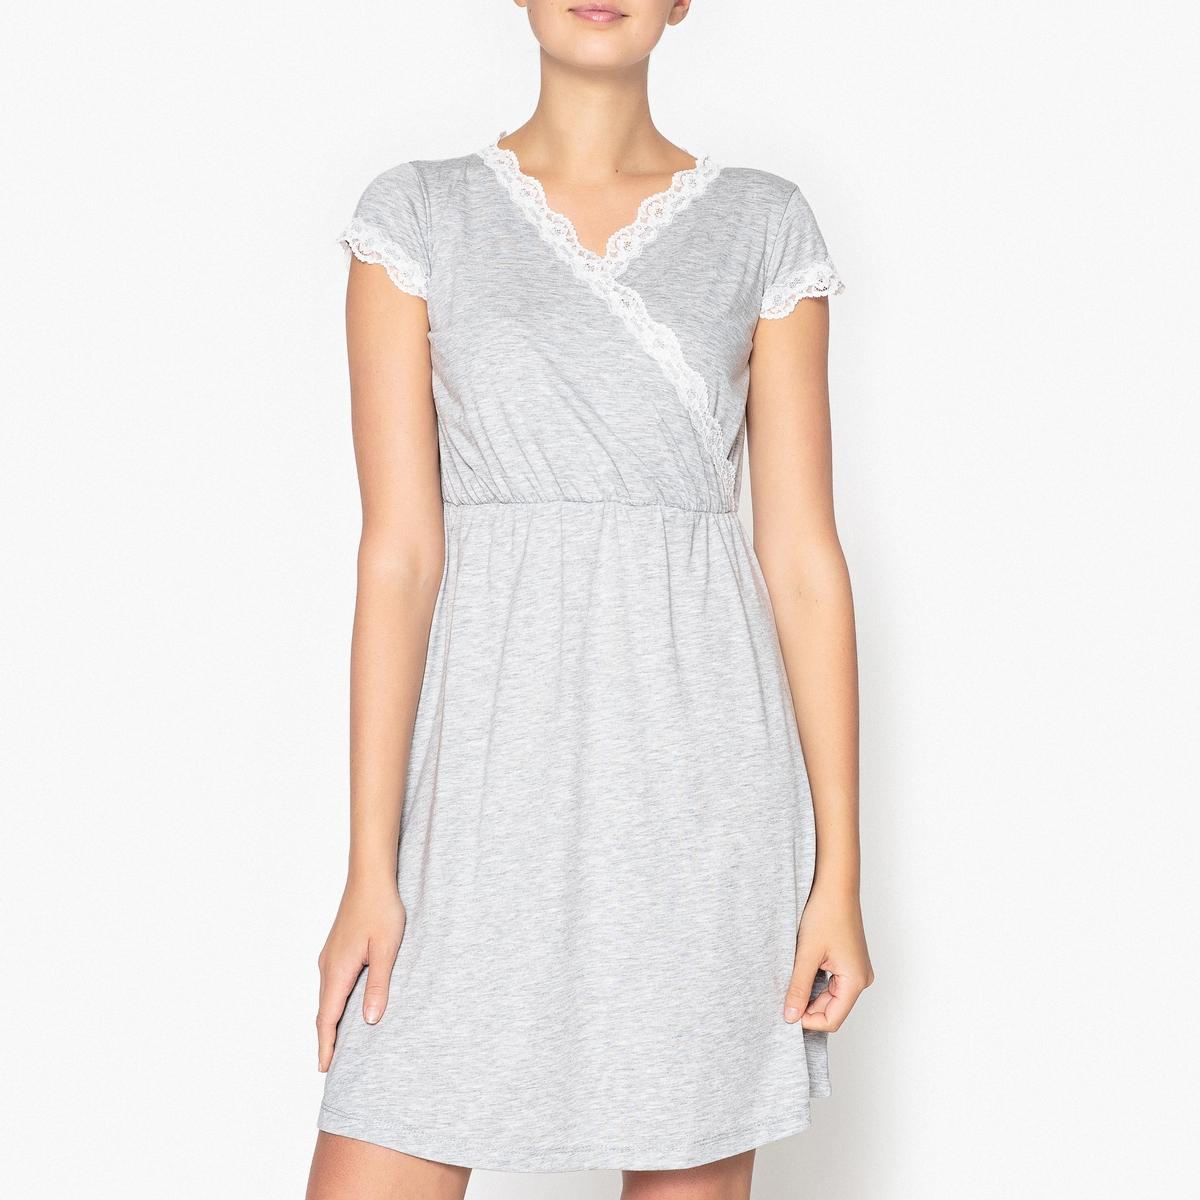 Рубашка ночная с кружевными вставкамиНочная рубашка с кружевной отделкой выреза и рукавов, невероятно женственная . Состав и описаниеСорочка ночная с короткими рукавами. V-образный вырез. Кружевные вставки на вырезе и рукавах .Эластичная высокая талия Материал : 62% полиэстера, 38% вискозы Длина : 90 смУход: :машинная стирка при 30 °С, стирать с вещами схожих цветов.Стирать и гладить с изнанки не использовать барабанную сушку .<br><br>Цвет: серый меланж<br>Размер: 34/36 (FR) - 40/42 (RUS)